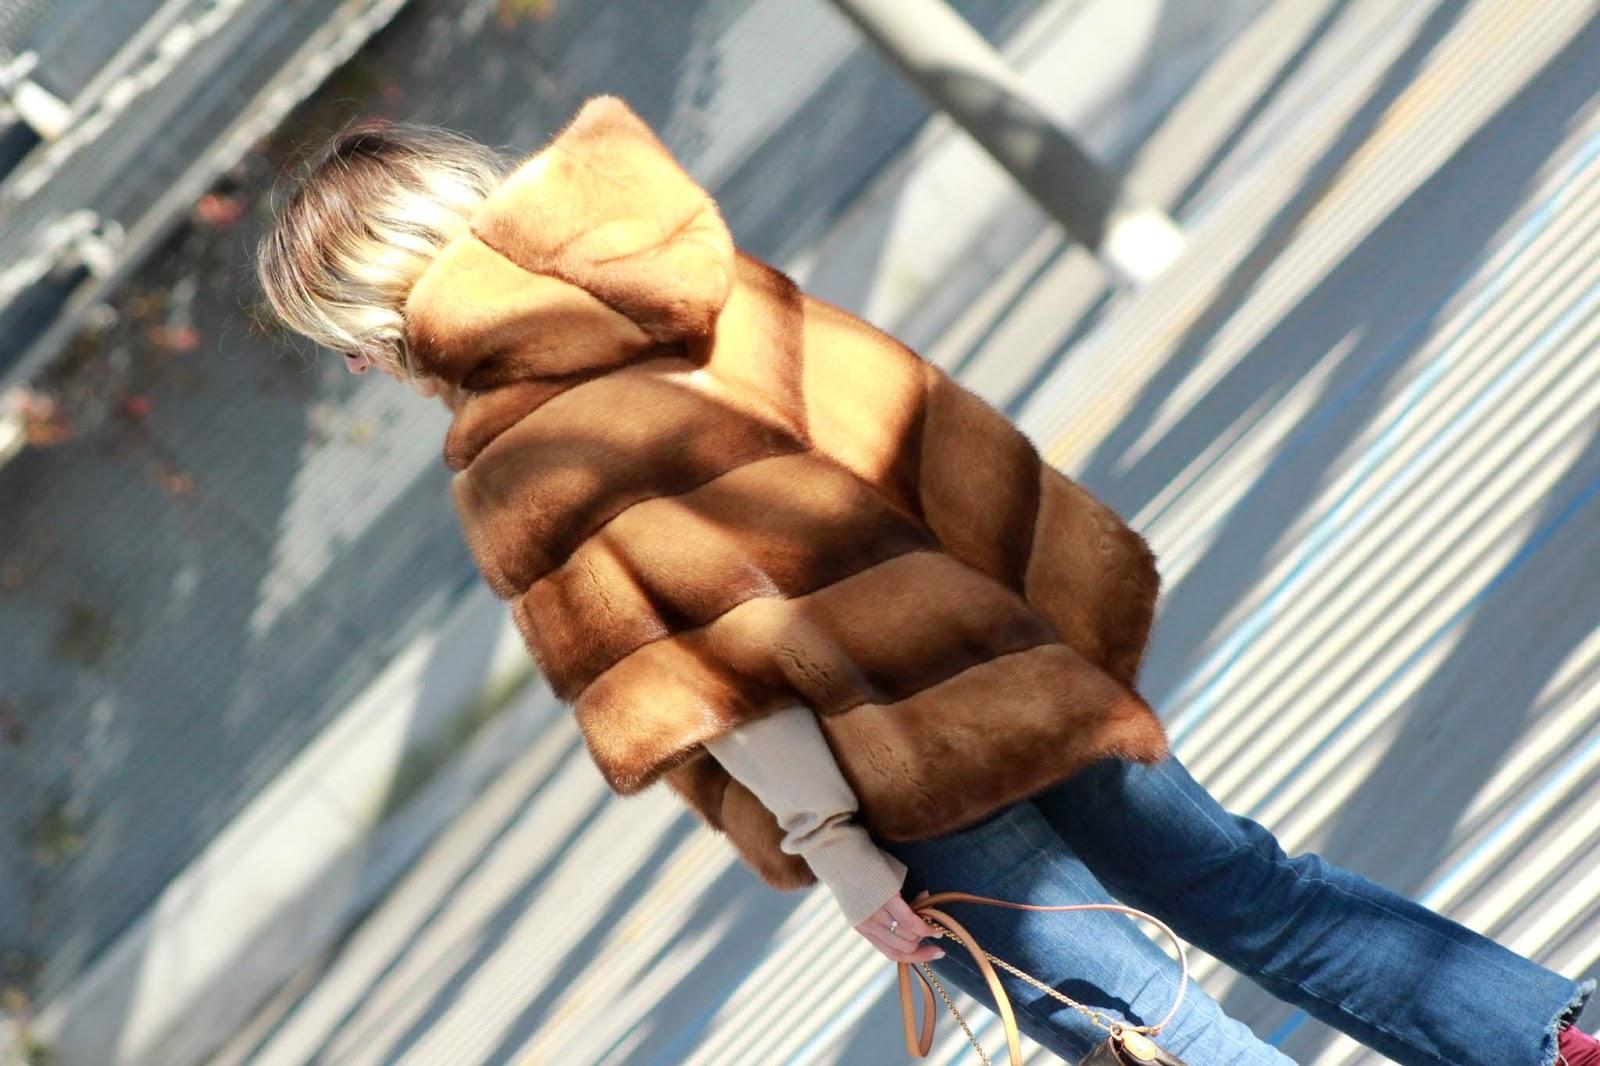 Eniwhere Fashion - Pellicceria Contemporanea - Visone